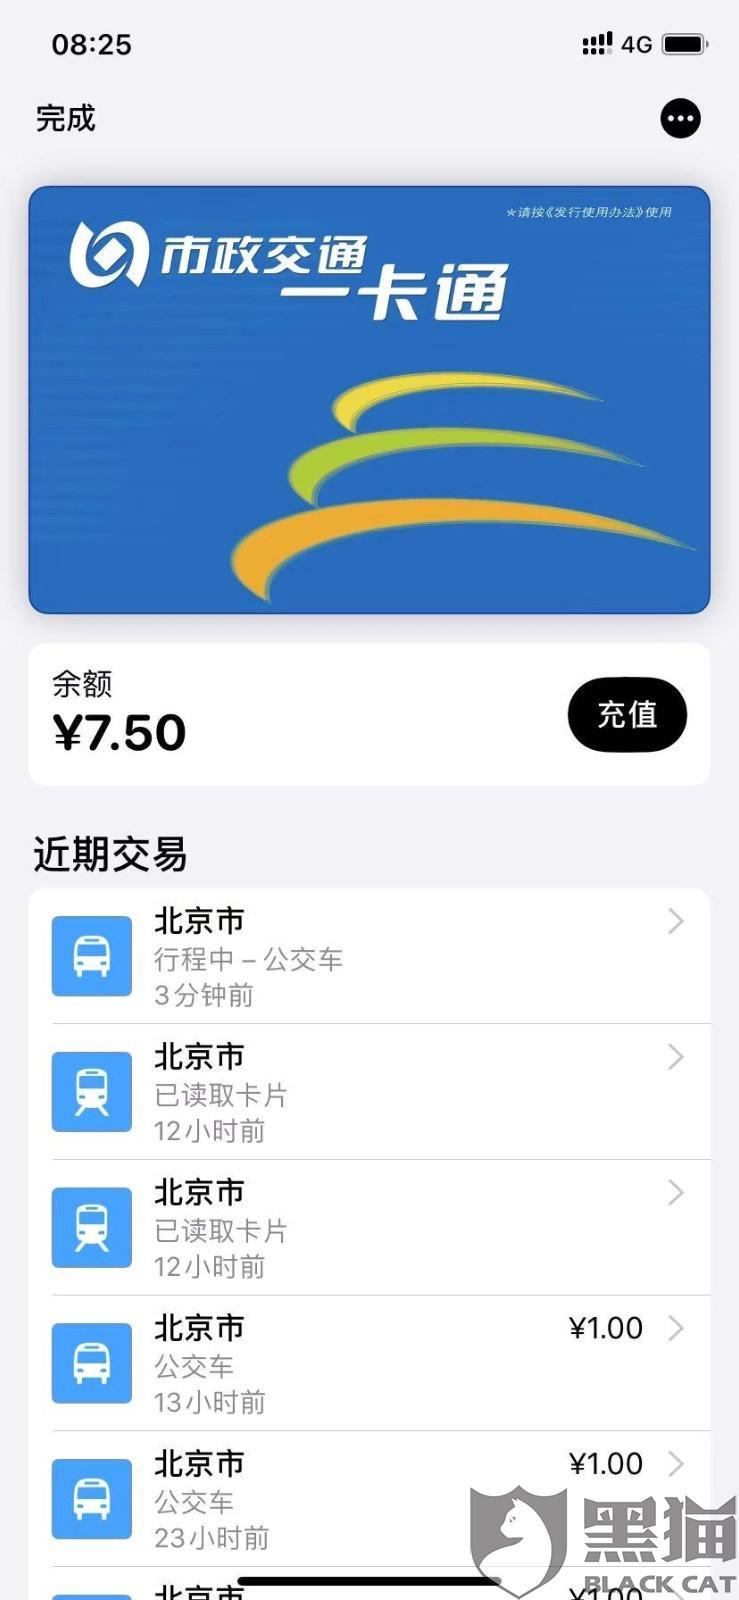 黑猫投诉:通过applePay充值北京市政交通一卡通,扣费成功但是一卡通未充值成功